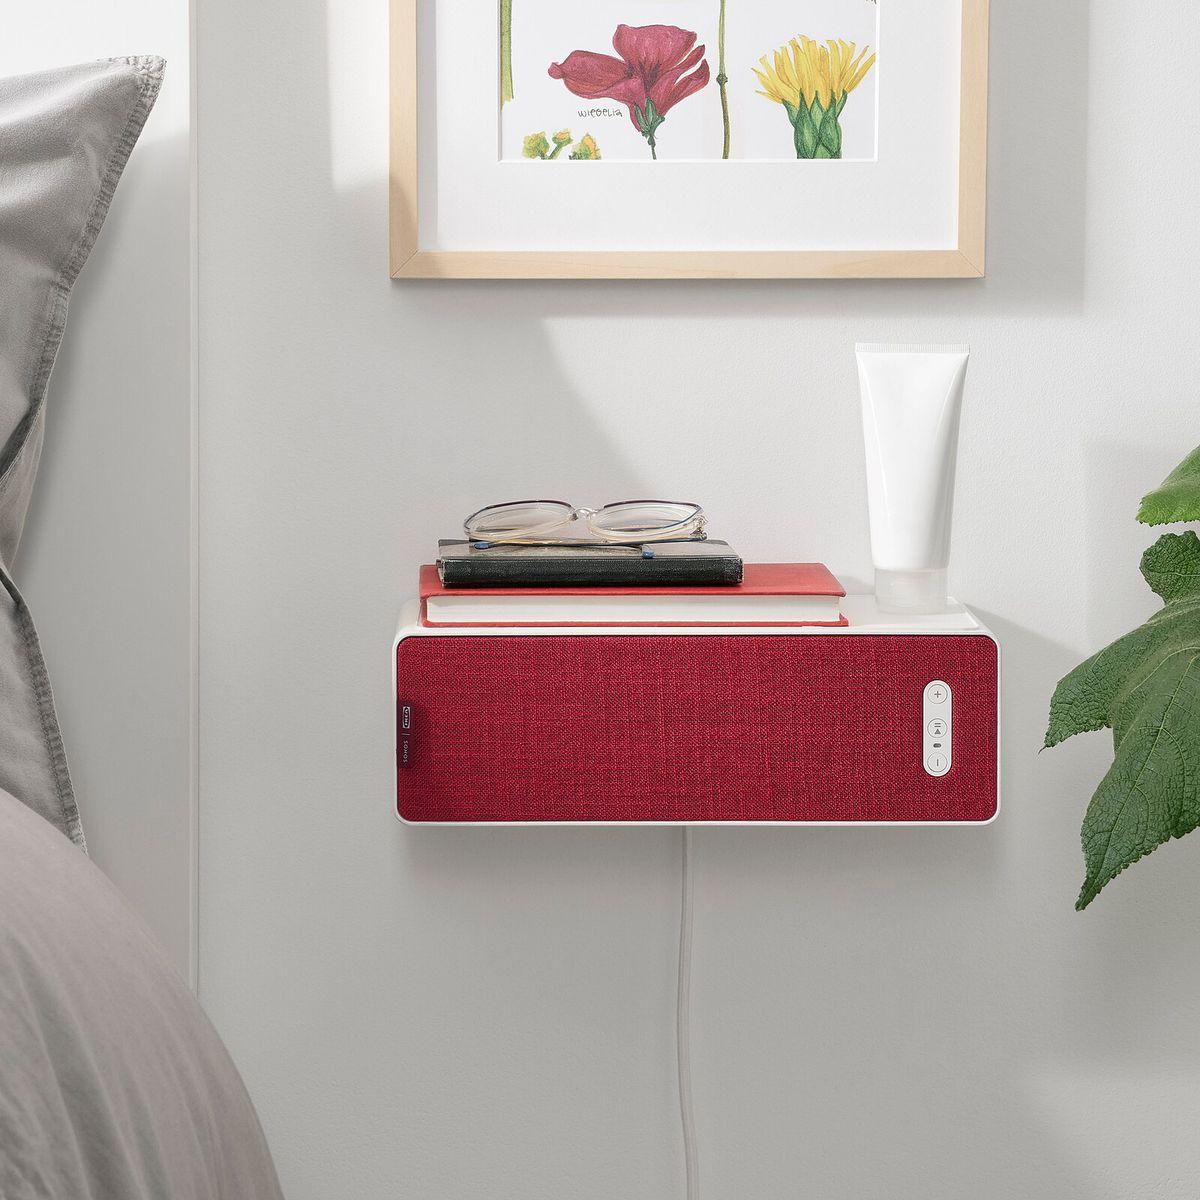 Os alto-falantes Symfonisk compatíveis com Sonos da Ikea ficam mais coloridos 2